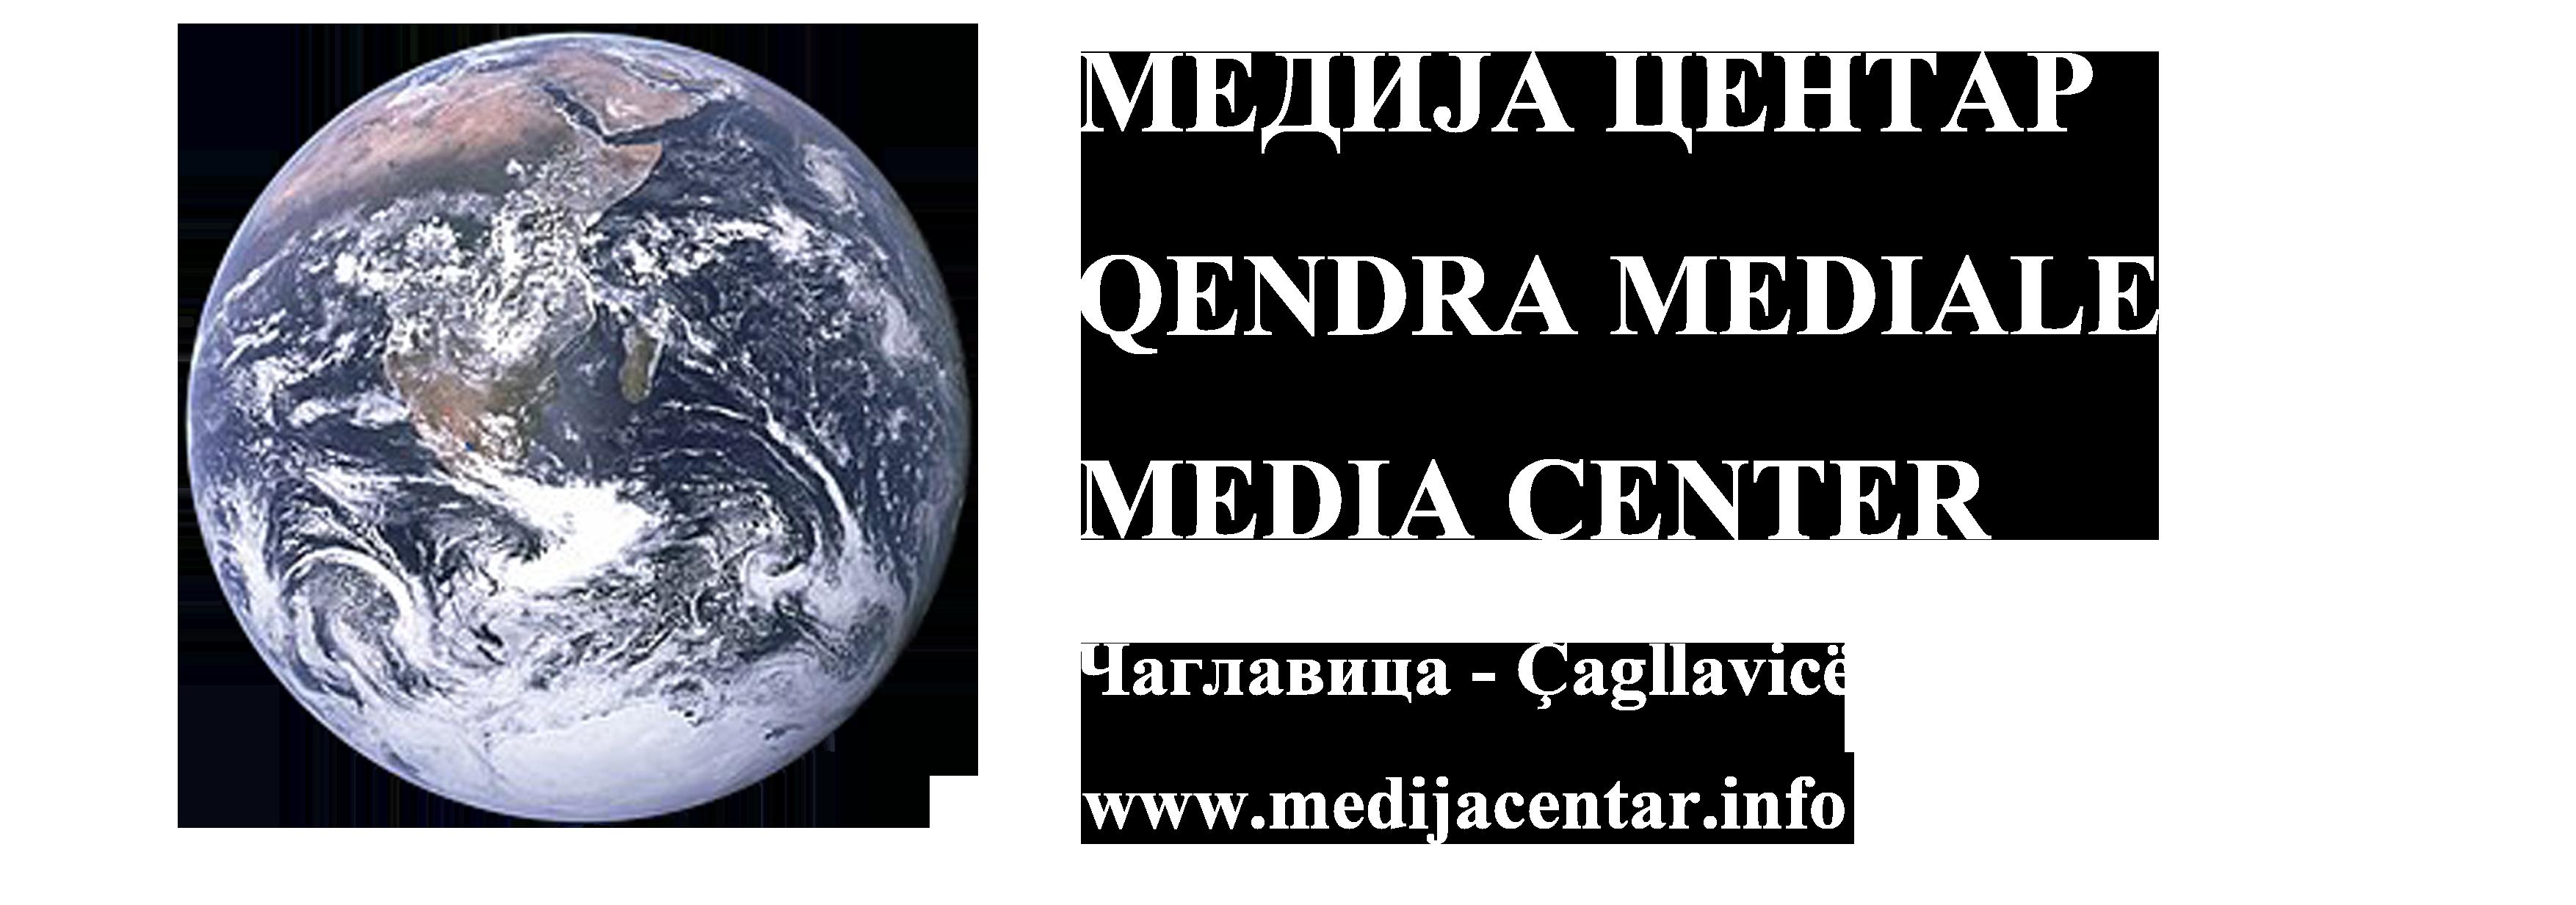 Medija centar